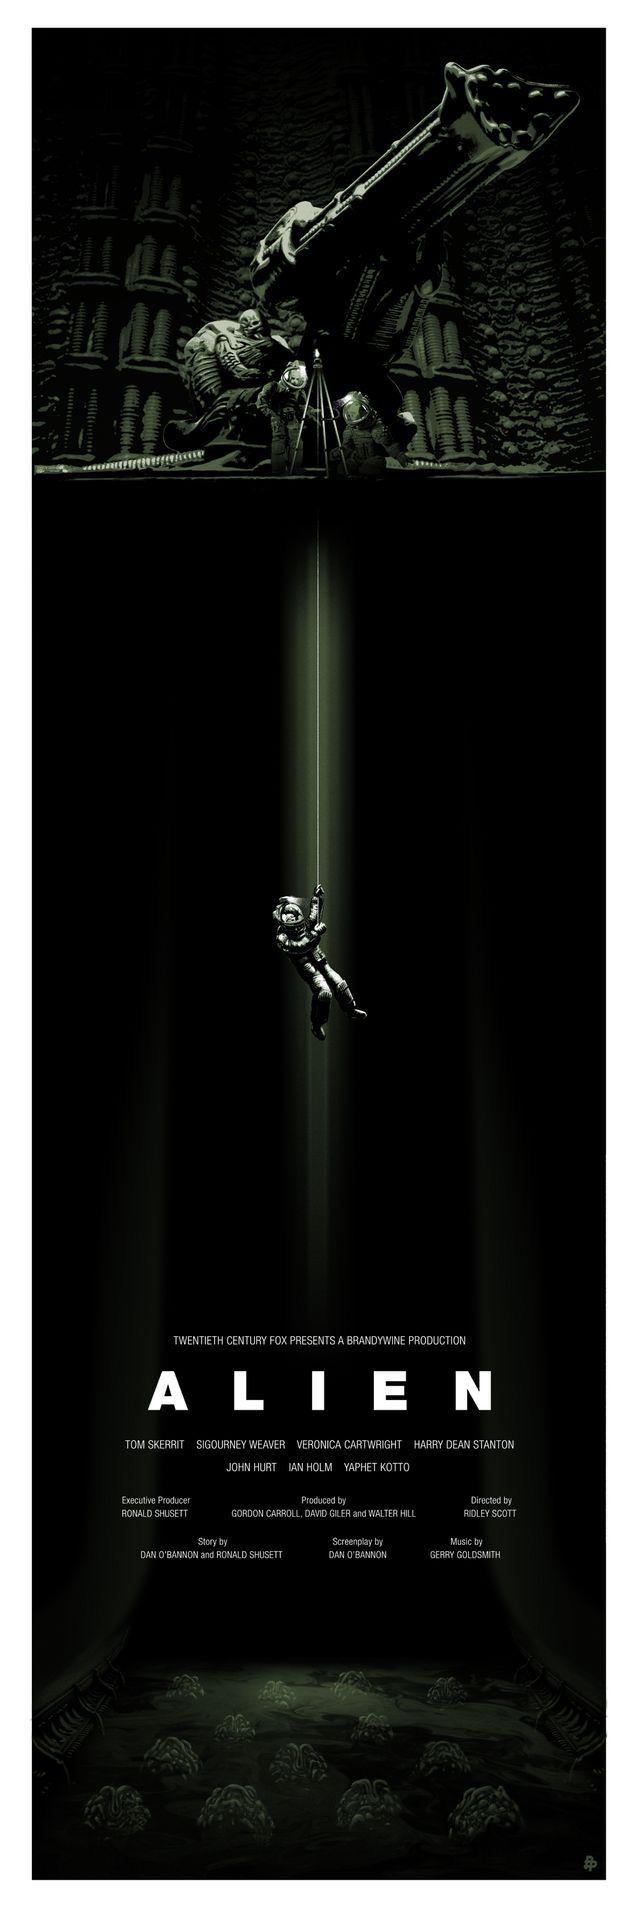 Alien cover. groen-zwart contrast